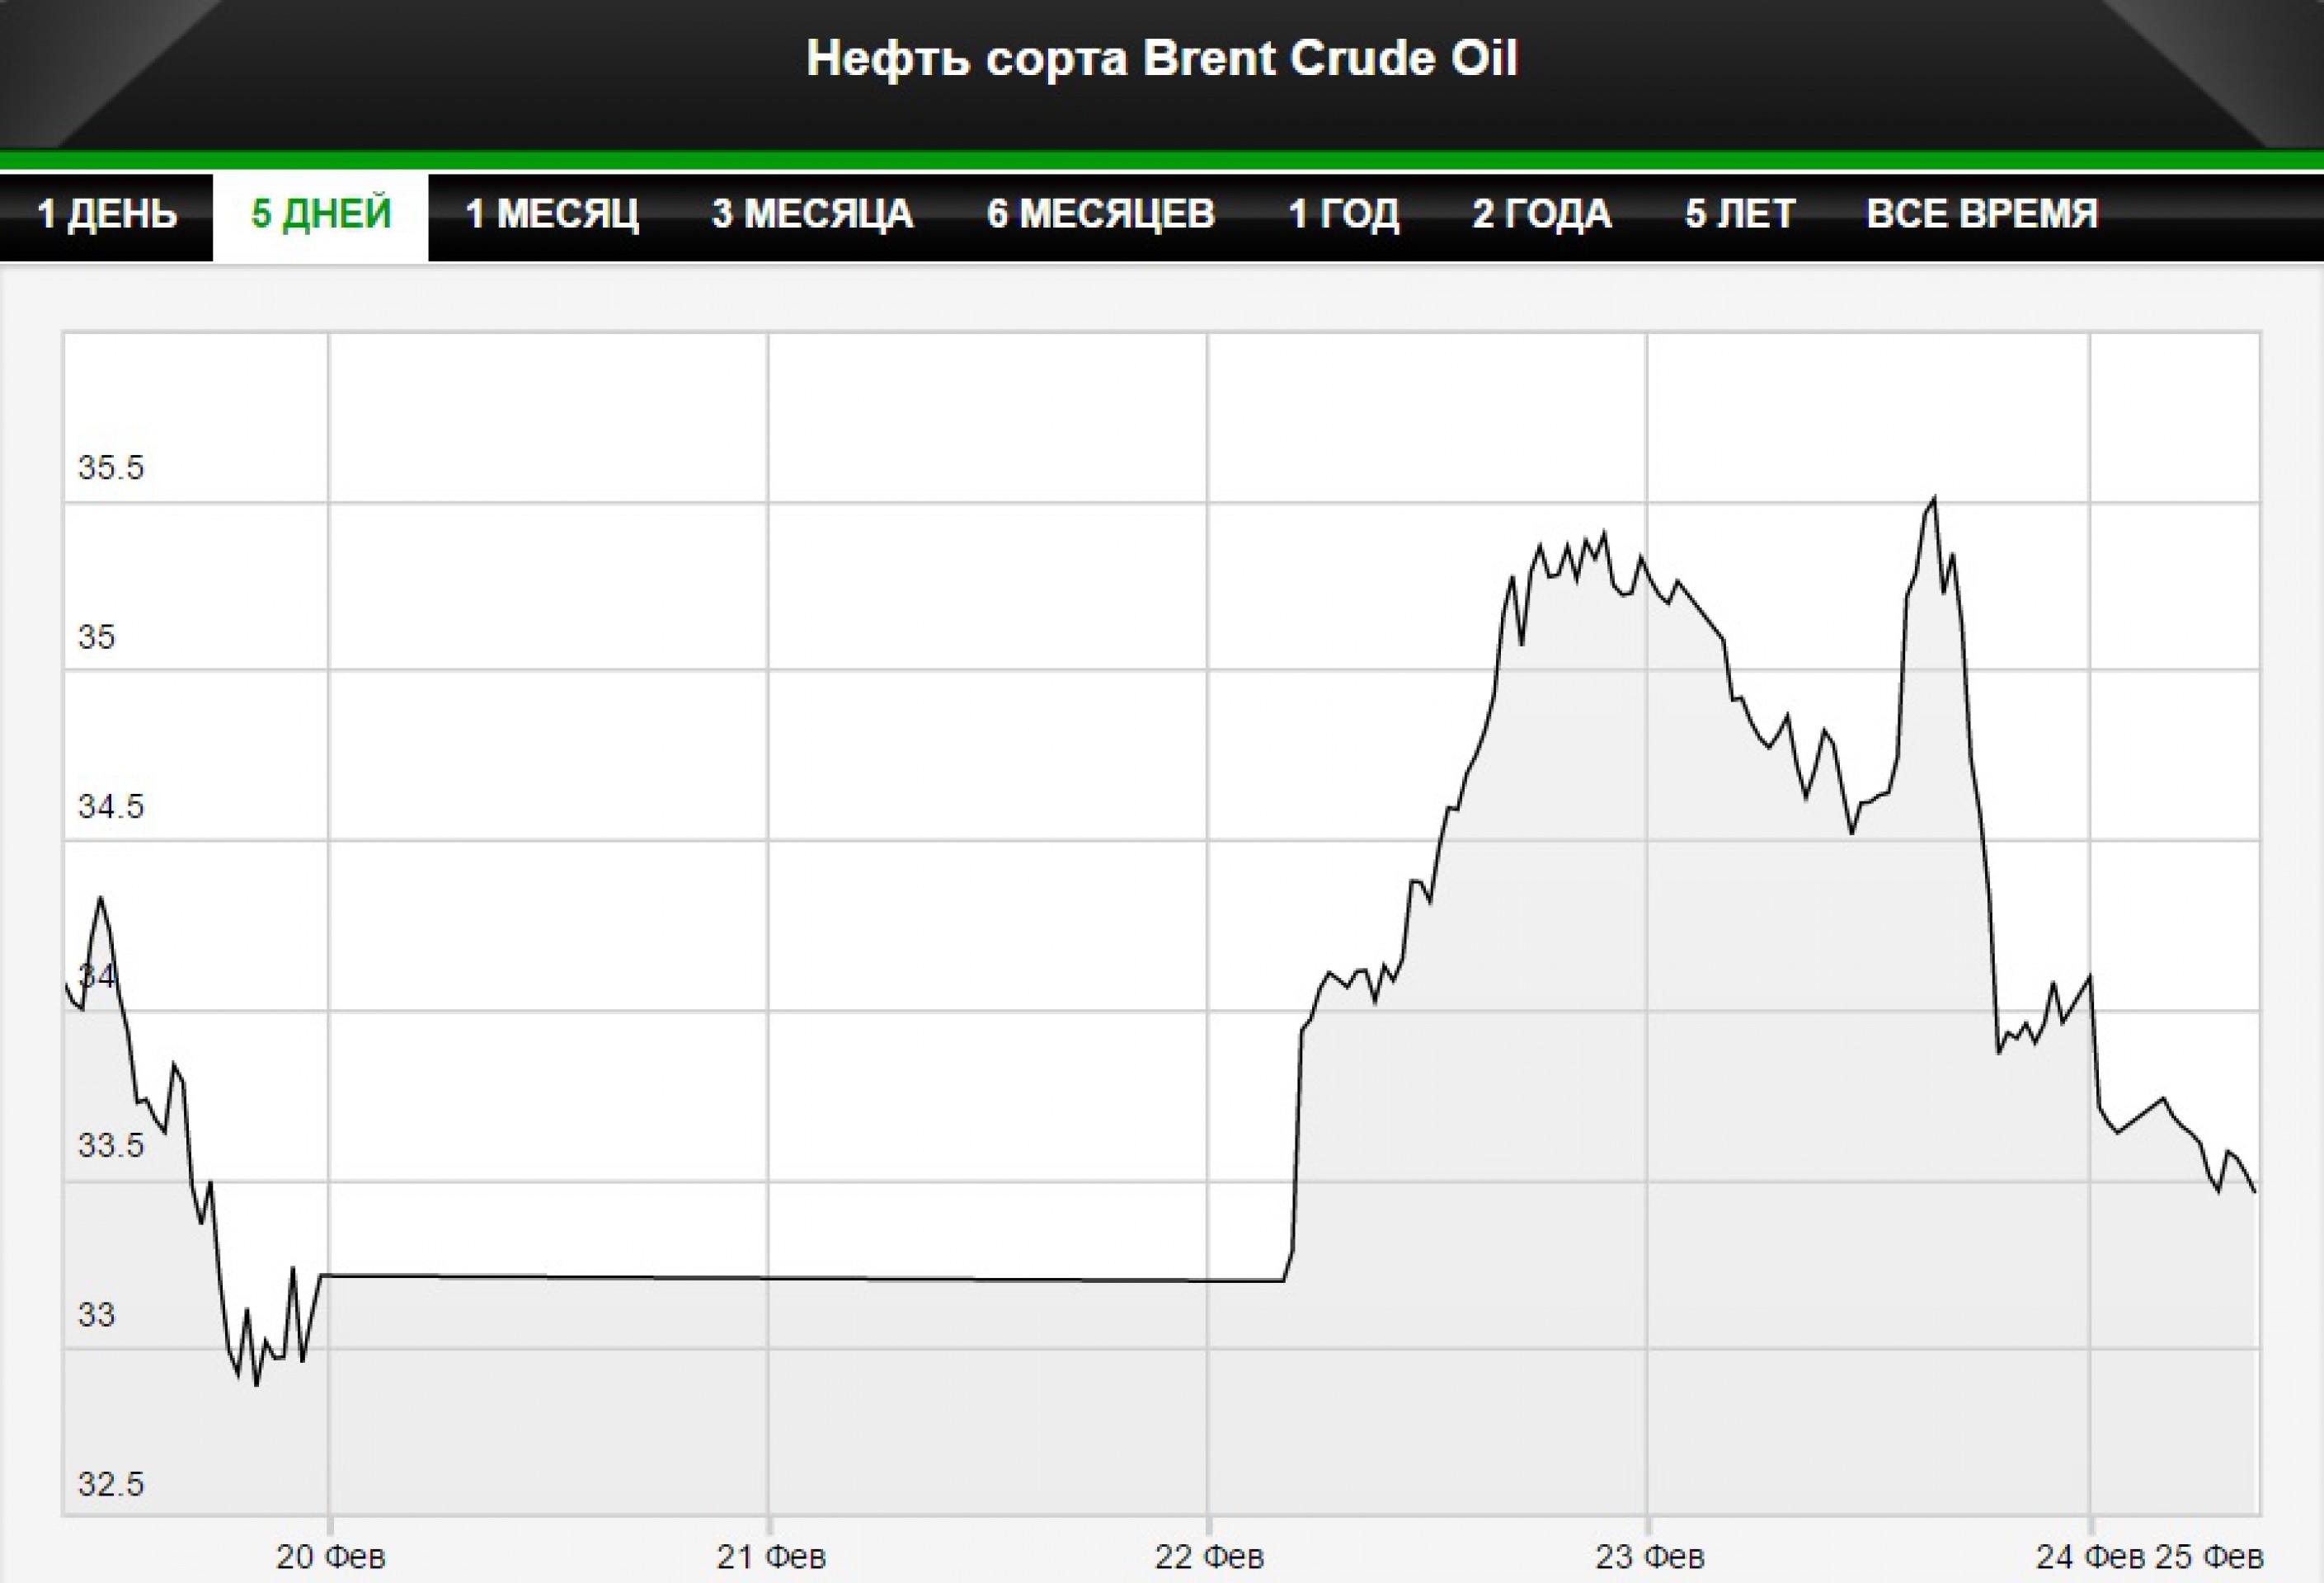 Нефть продолжила снижение после заявления саудовцев